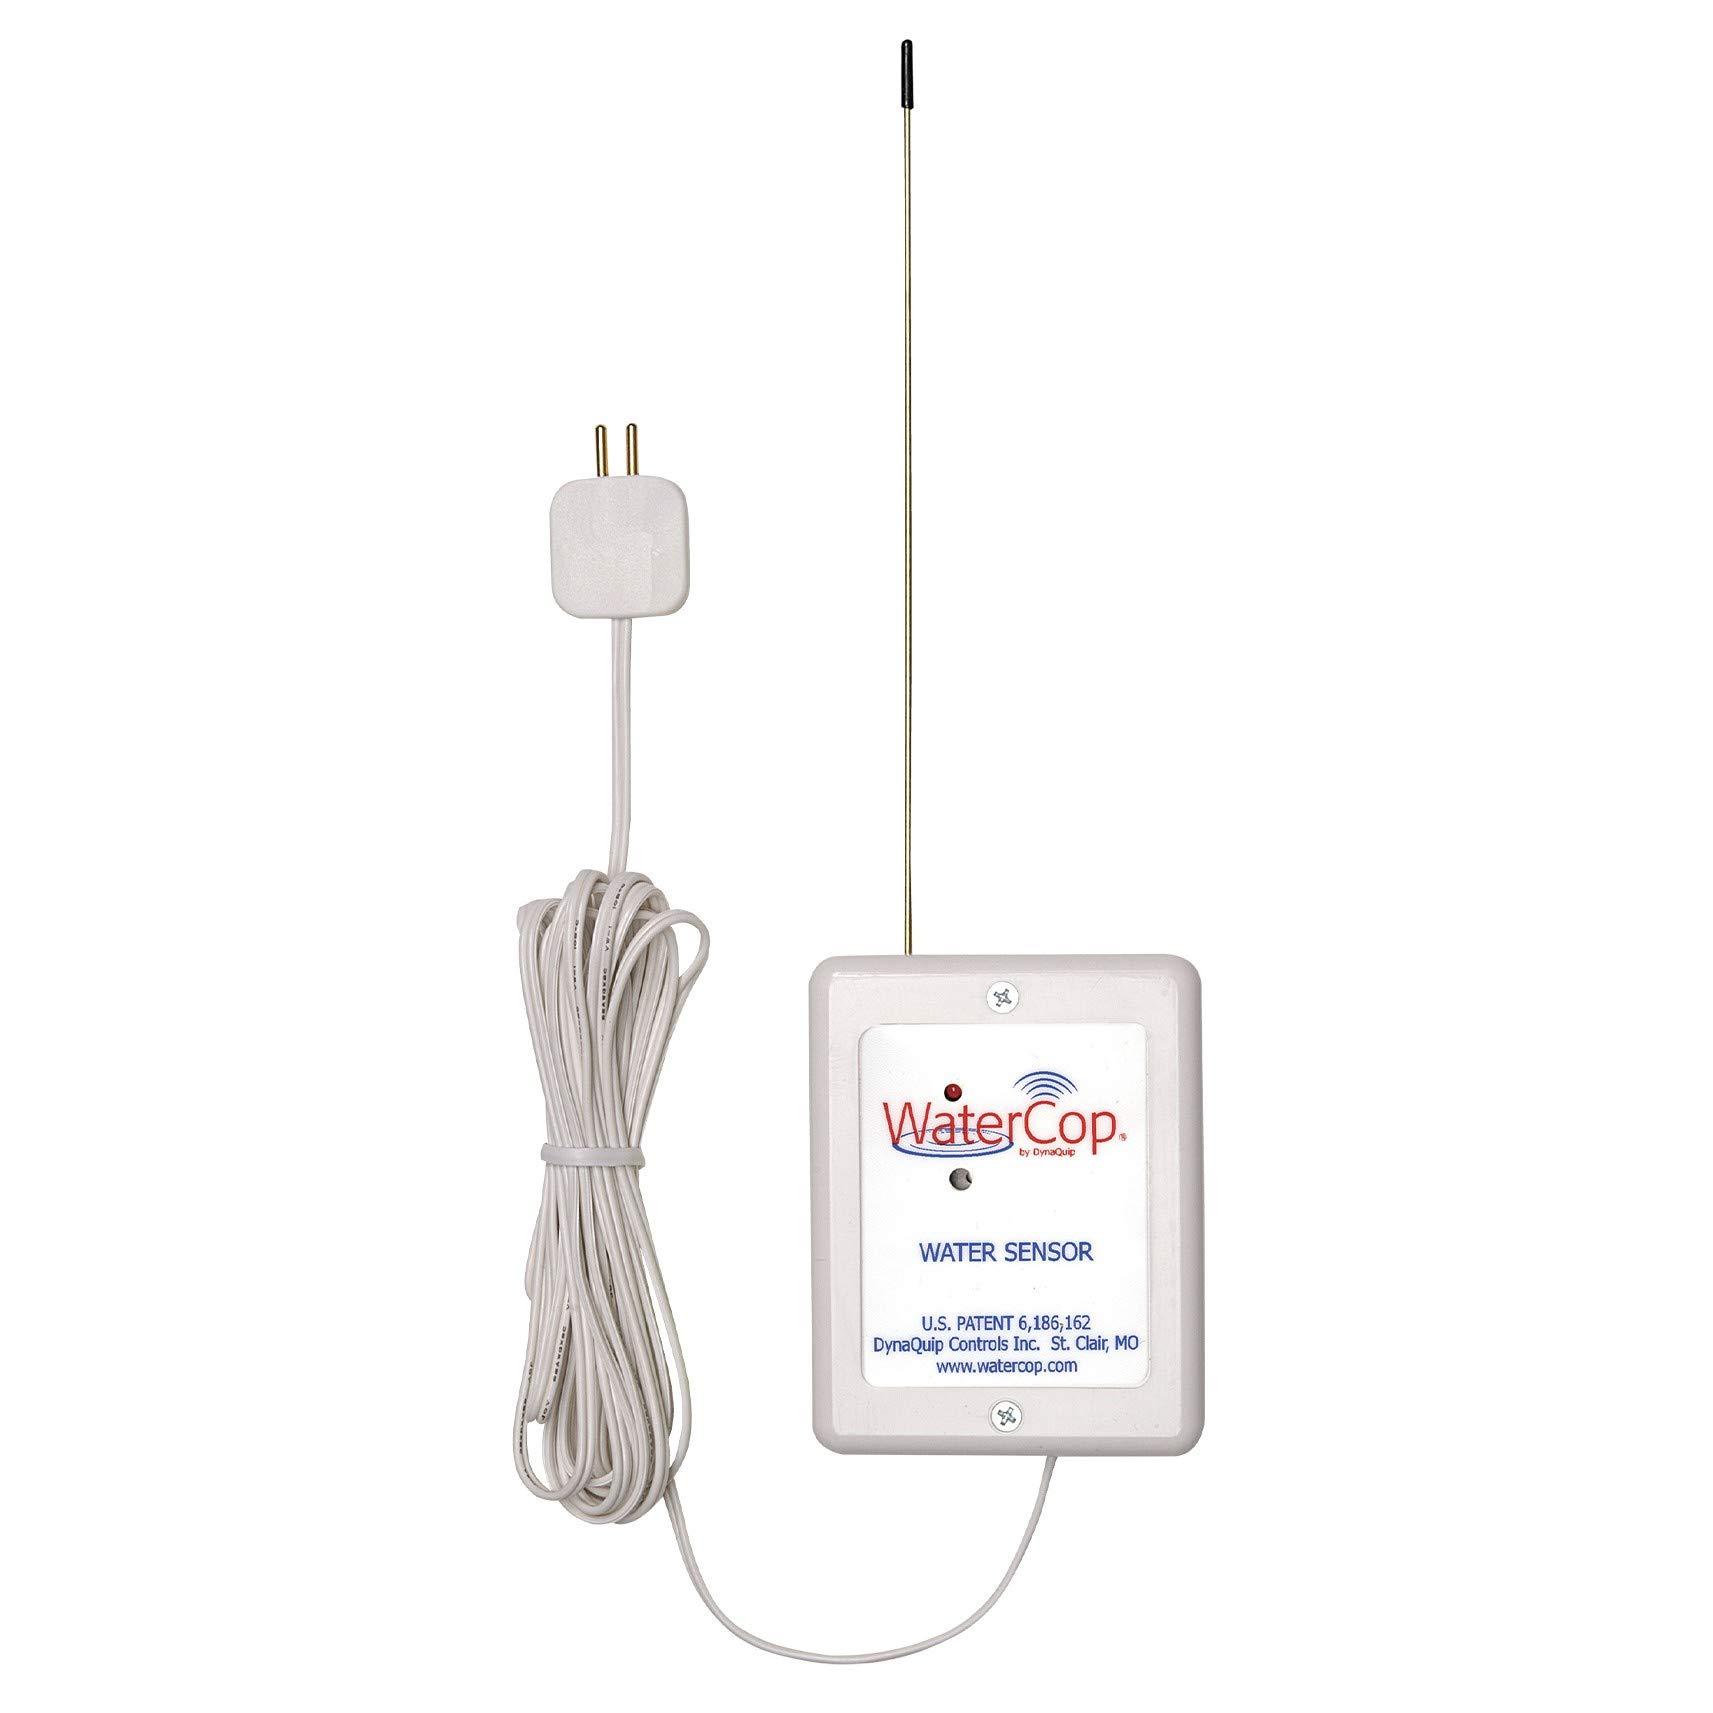 WaterCop Wireless Flood Sensor, 1 Probe (WH100)